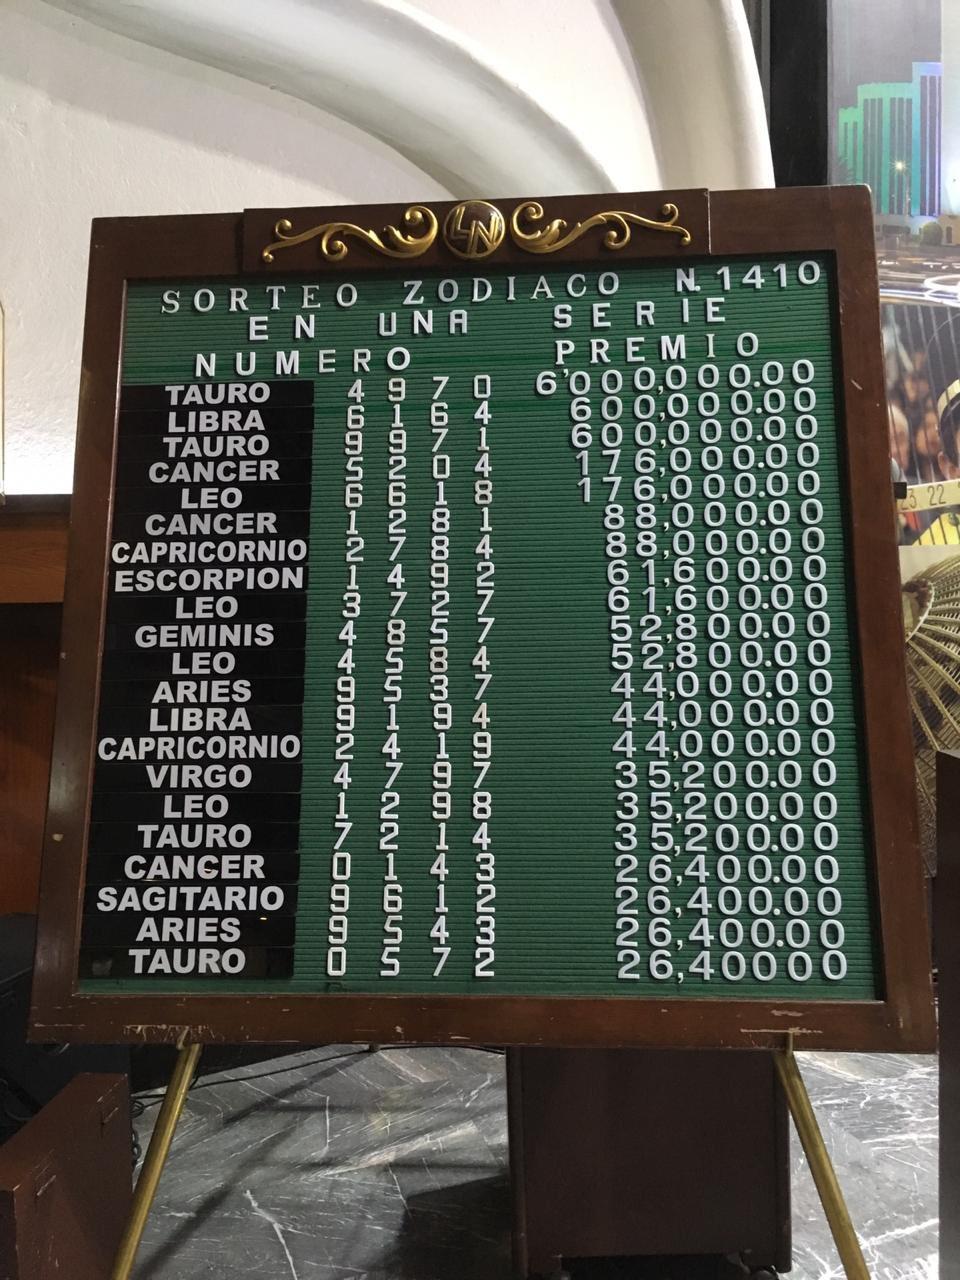 Resultados sorteo zodiaco 1410